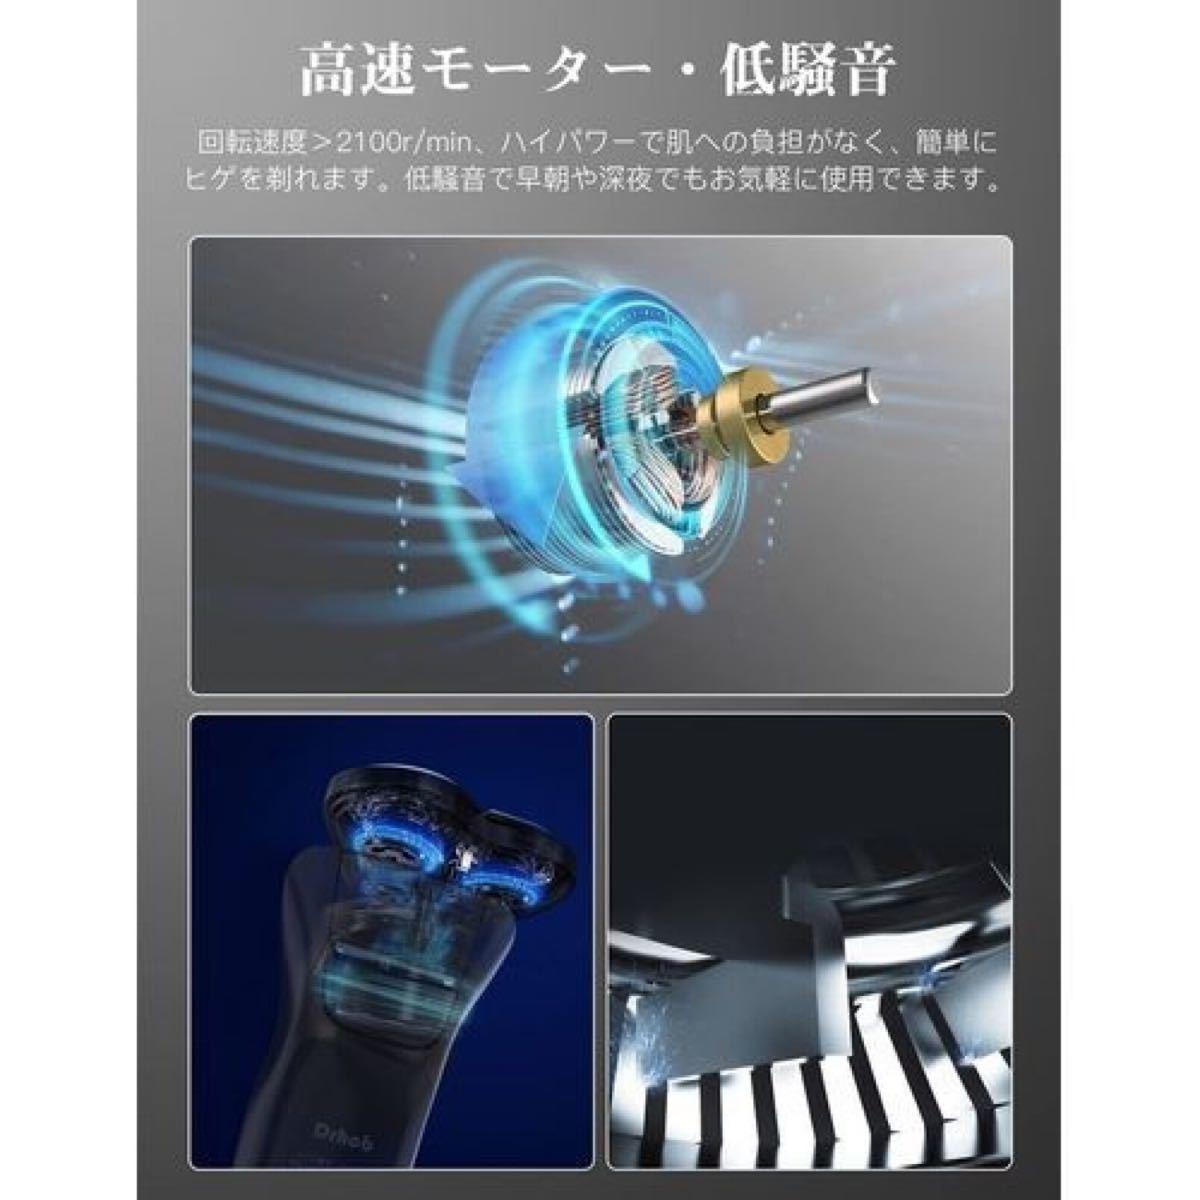 シェーバー メンズ 電気シェーバー ひげそり 回転式